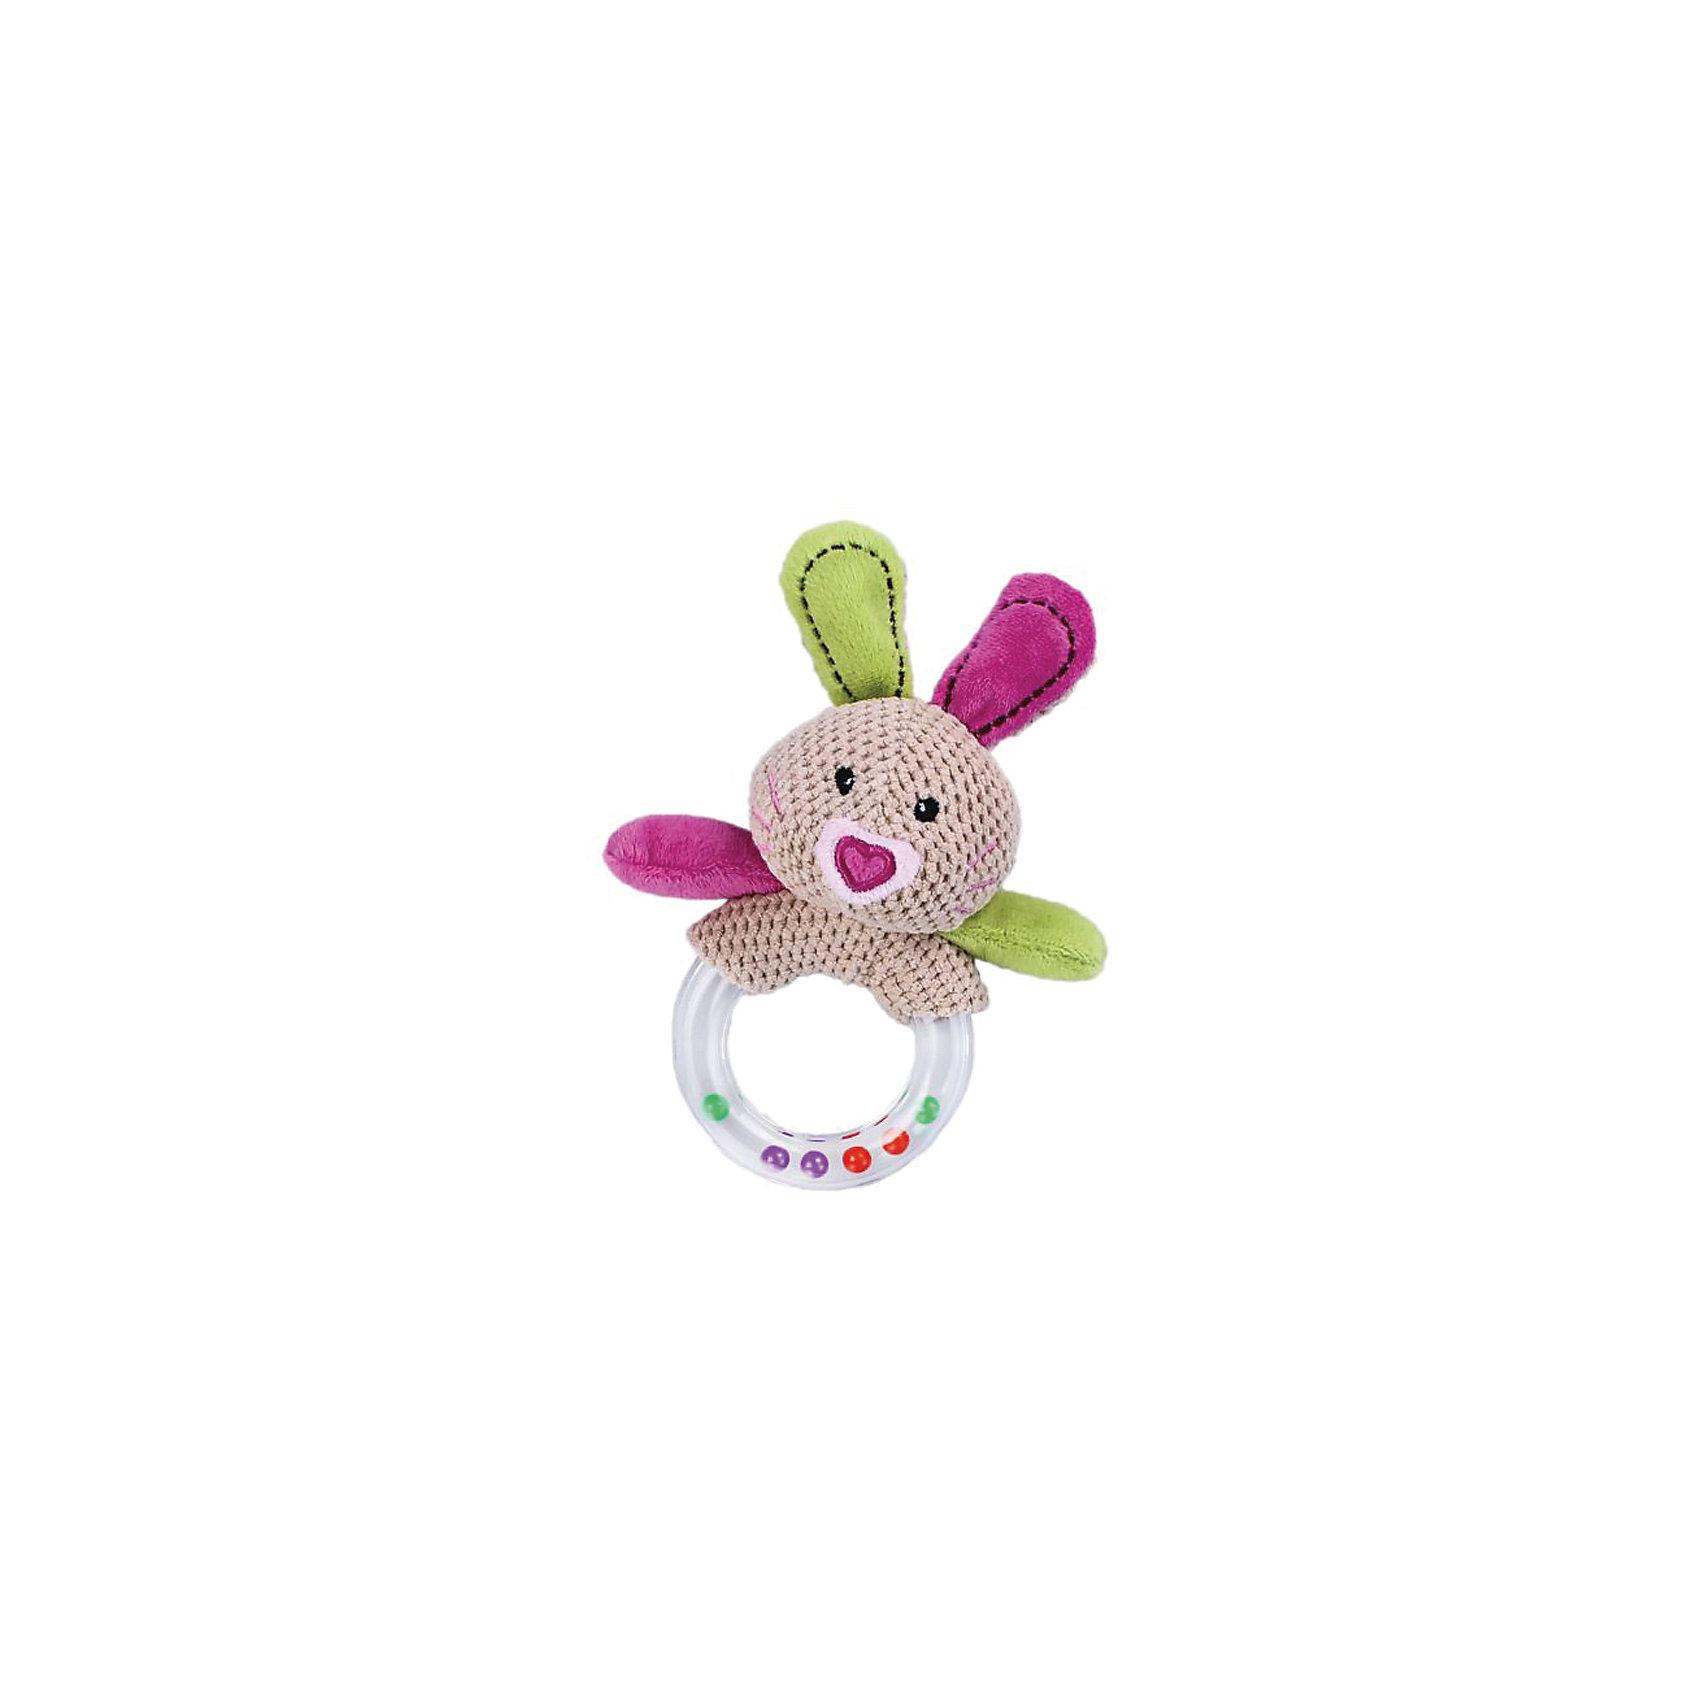 Погремушка Зайка Полли, ЖирафикиПогремушка – классическая игрушка для малышей ясельного возраста. Погремушка издает приятный звук для ребенка, успокаивает его и помогает заснуть. Интересная погремушка из мягкого текстиля в виде милого зайки понравится всем деткам без исключения. Игрушку можно оставлять с малышом и давать ему играть без присмотра взрослых, так как в ней нет опасных элементов и мелких деталей. Материалы, использованные при изготовлении товара, абсолютно безопасны и отвечают всем международным требованиям по качеству.<br><br>Дополнительные характеристики:<br><br>материал: текстиль, пластик;<br>цвет: разноцветный.<br><br>Погремушку Зайка Полли от компании Жирафики можно приобрести в нашем магазине.<br><br>Ширина мм: 560<br>Глубина мм: 320<br>Высота мм: 360<br>Вес г: 65<br>Возраст от месяцев: 36<br>Возраст до месяцев: 60<br>Пол: Унисекс<br>Возраст: Детский<br>SKU: 5032552